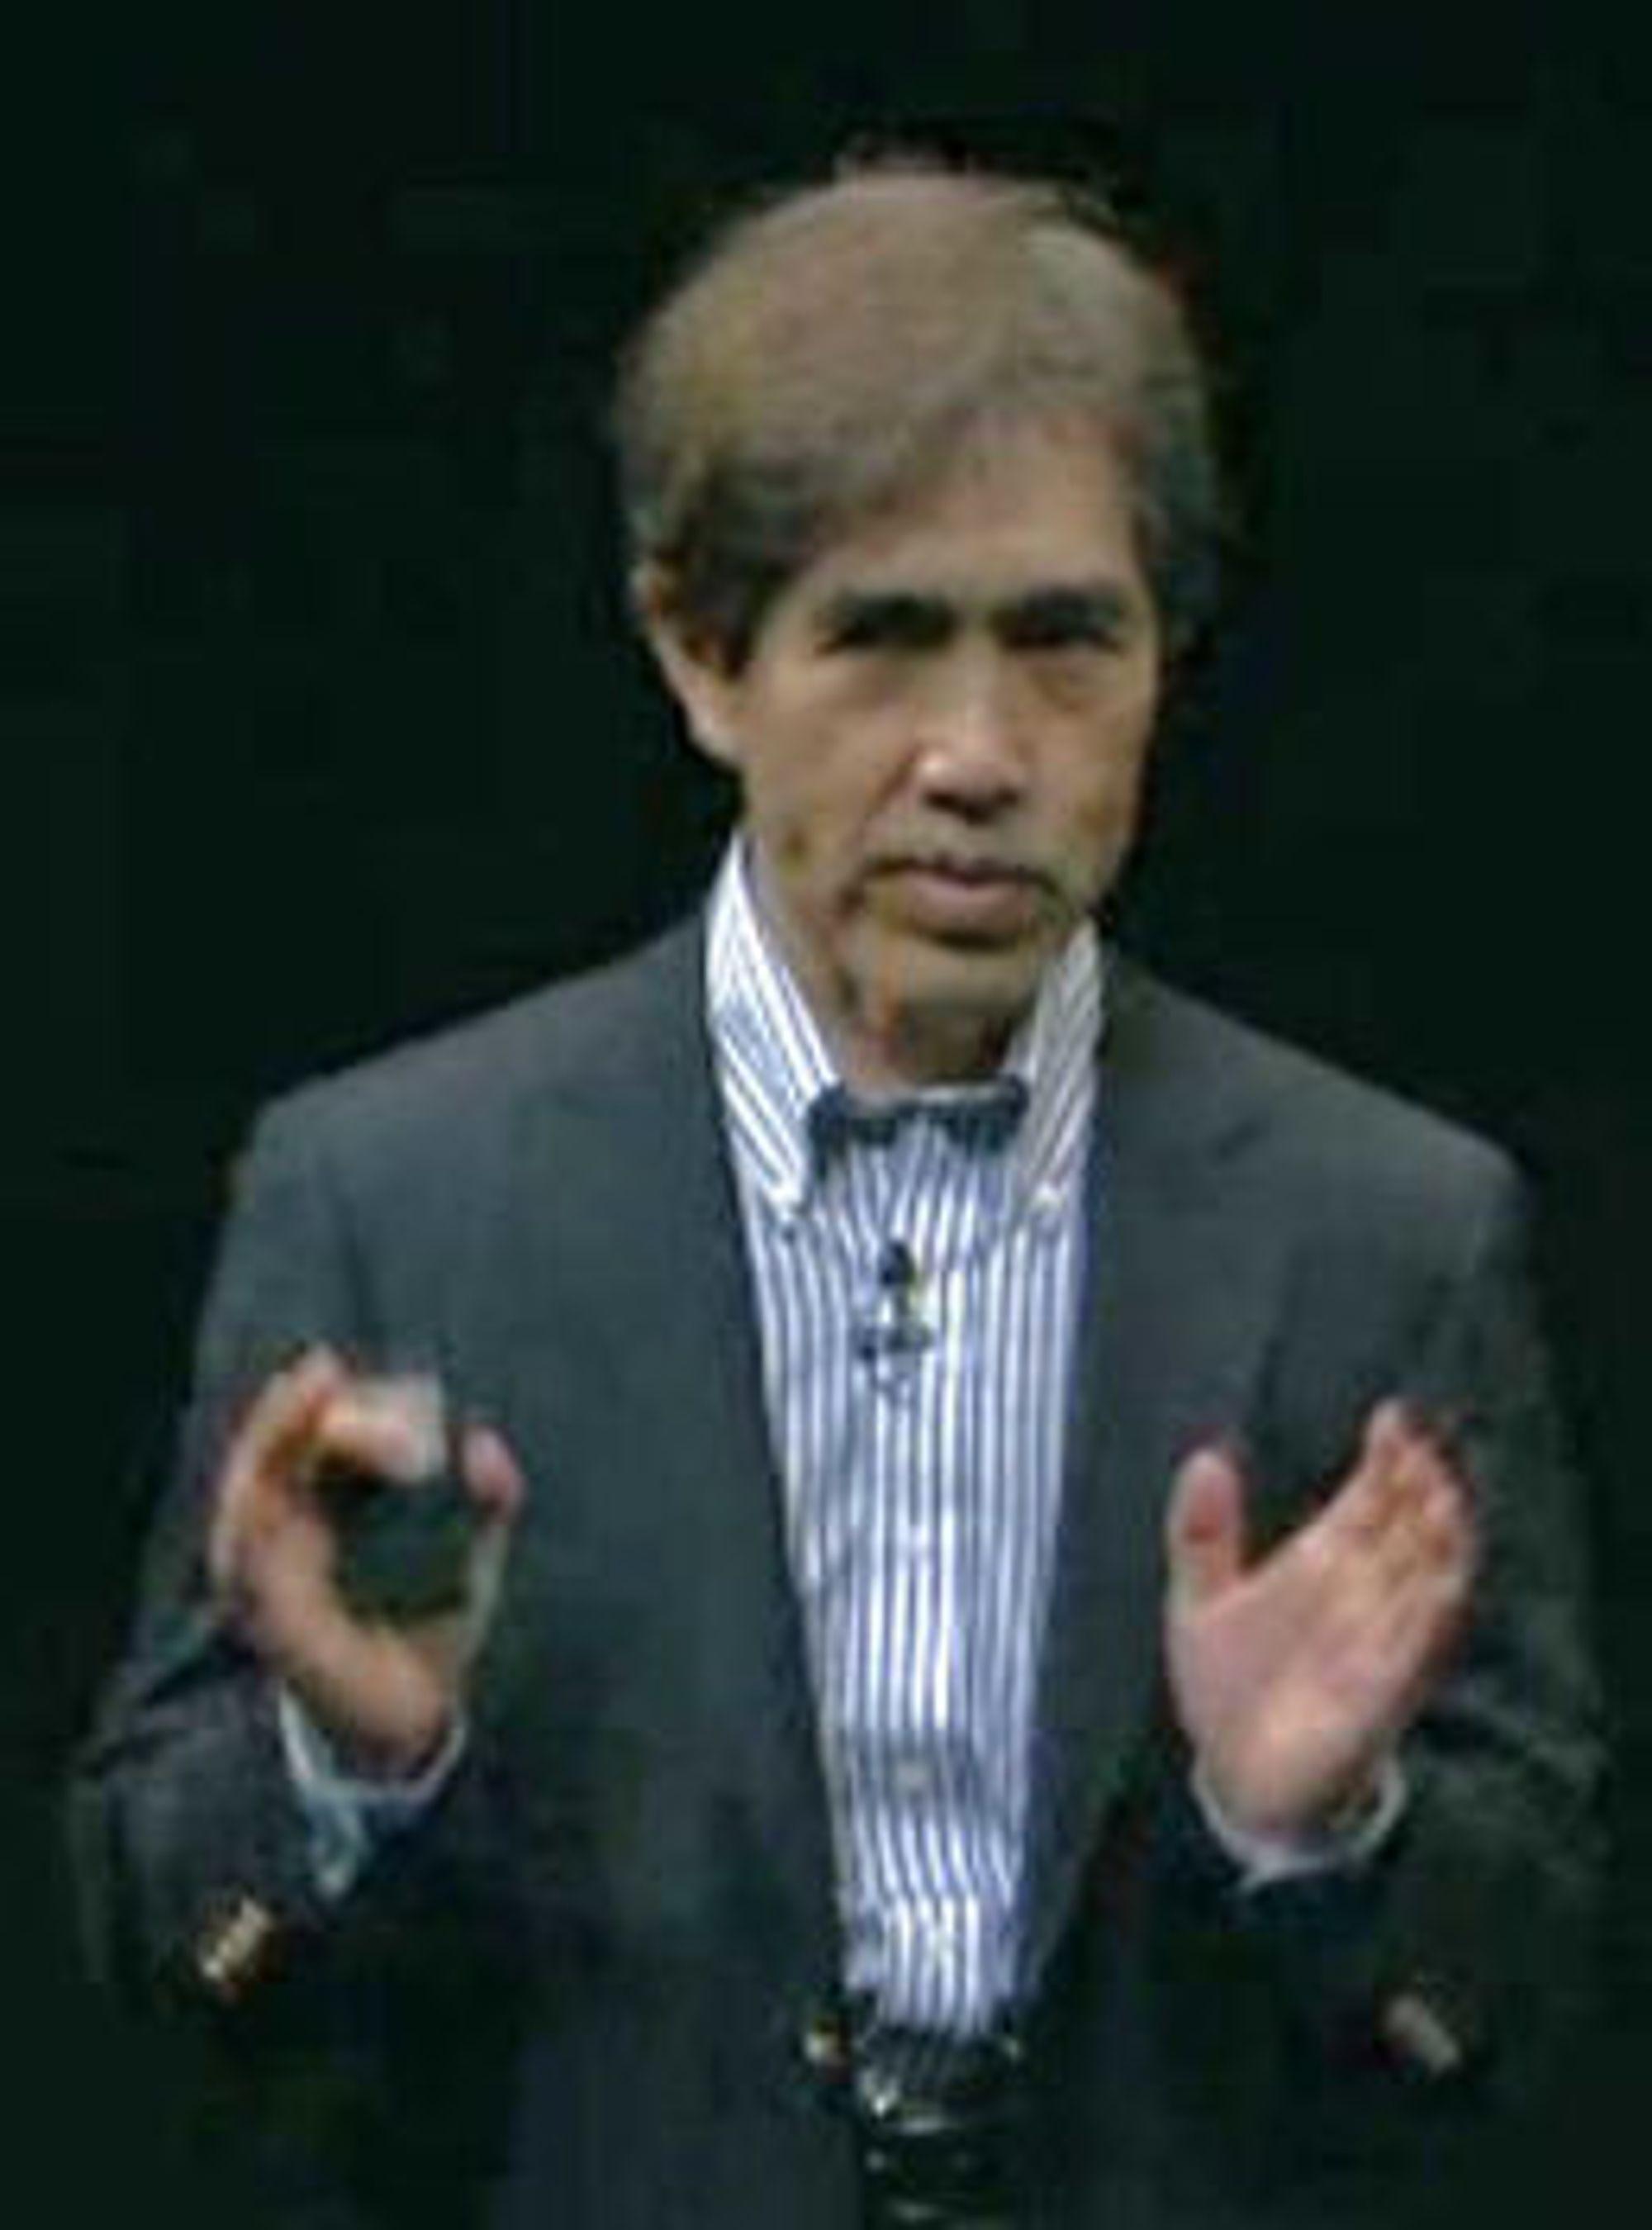 Goro Watanabe er senior visepresident og ansvarlig for forskning og utvikling i Fujitsu.